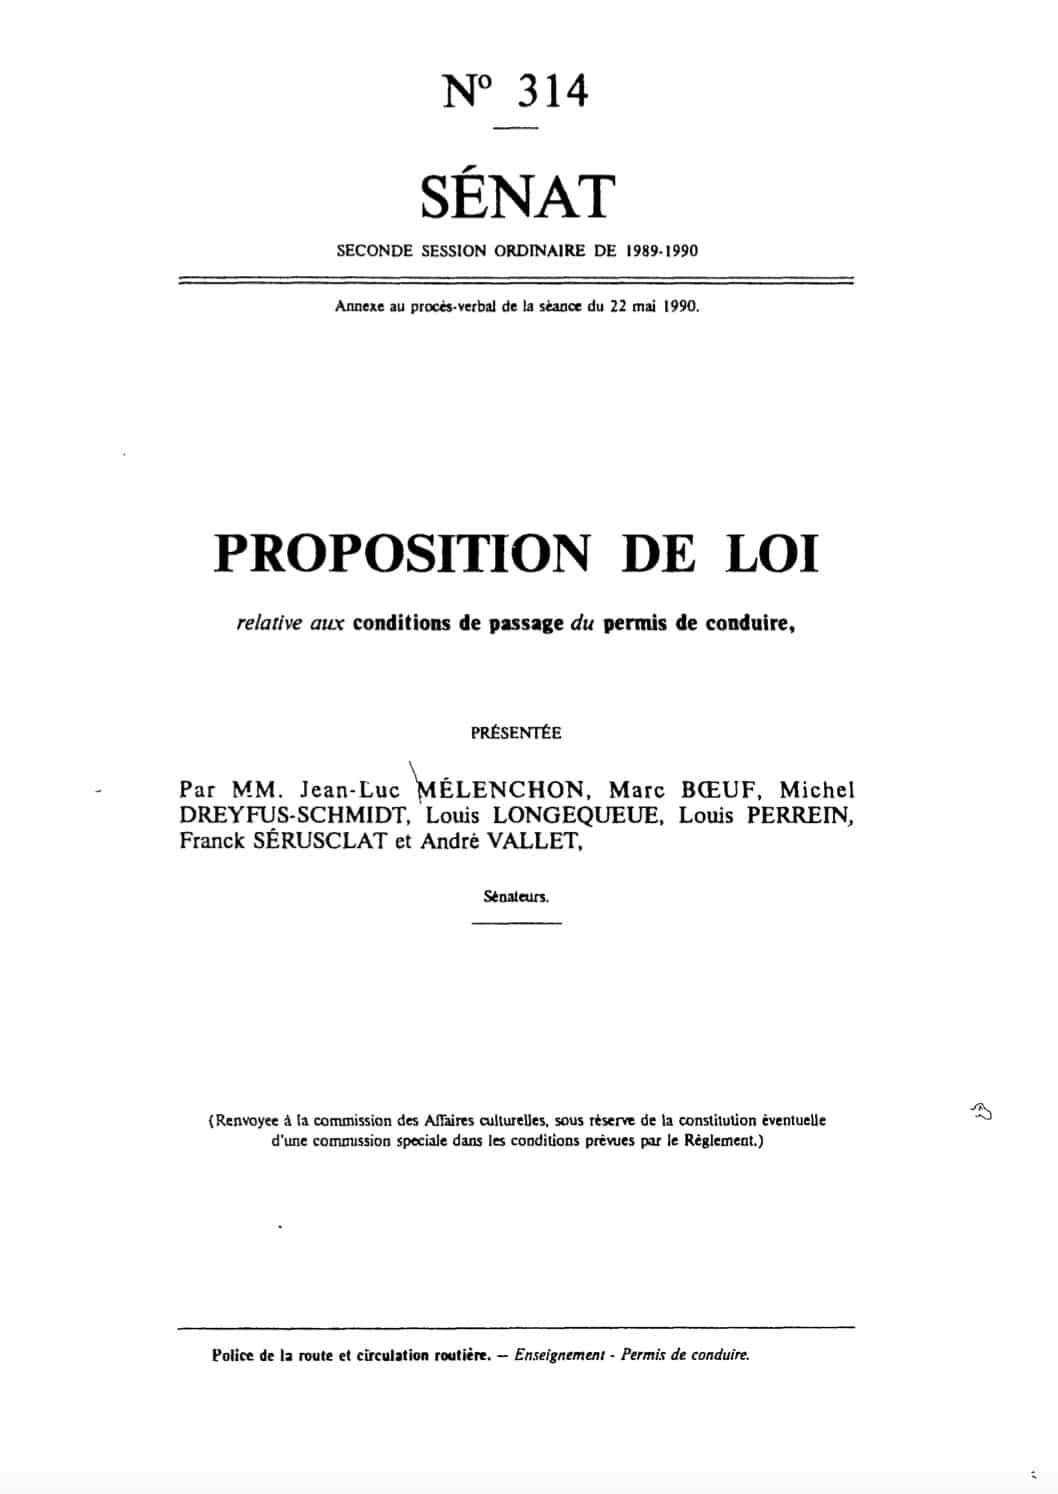 proposition loi melenchon permis conduire